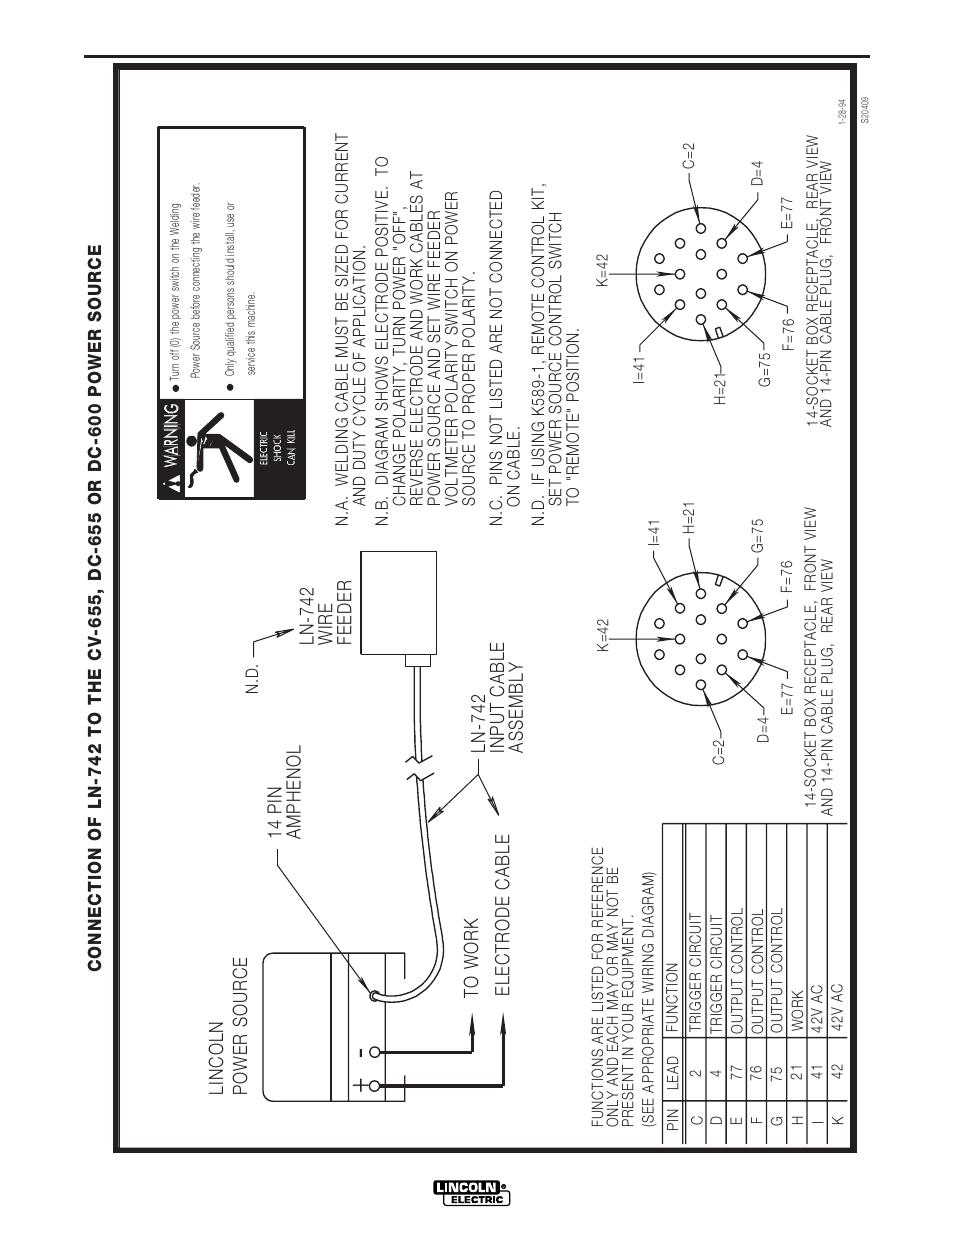 Schémas, Dc-600 | Lincoln Electric IM642 IDEALARC DC-600 Manuel  d'utilisation | Page 44 / 56